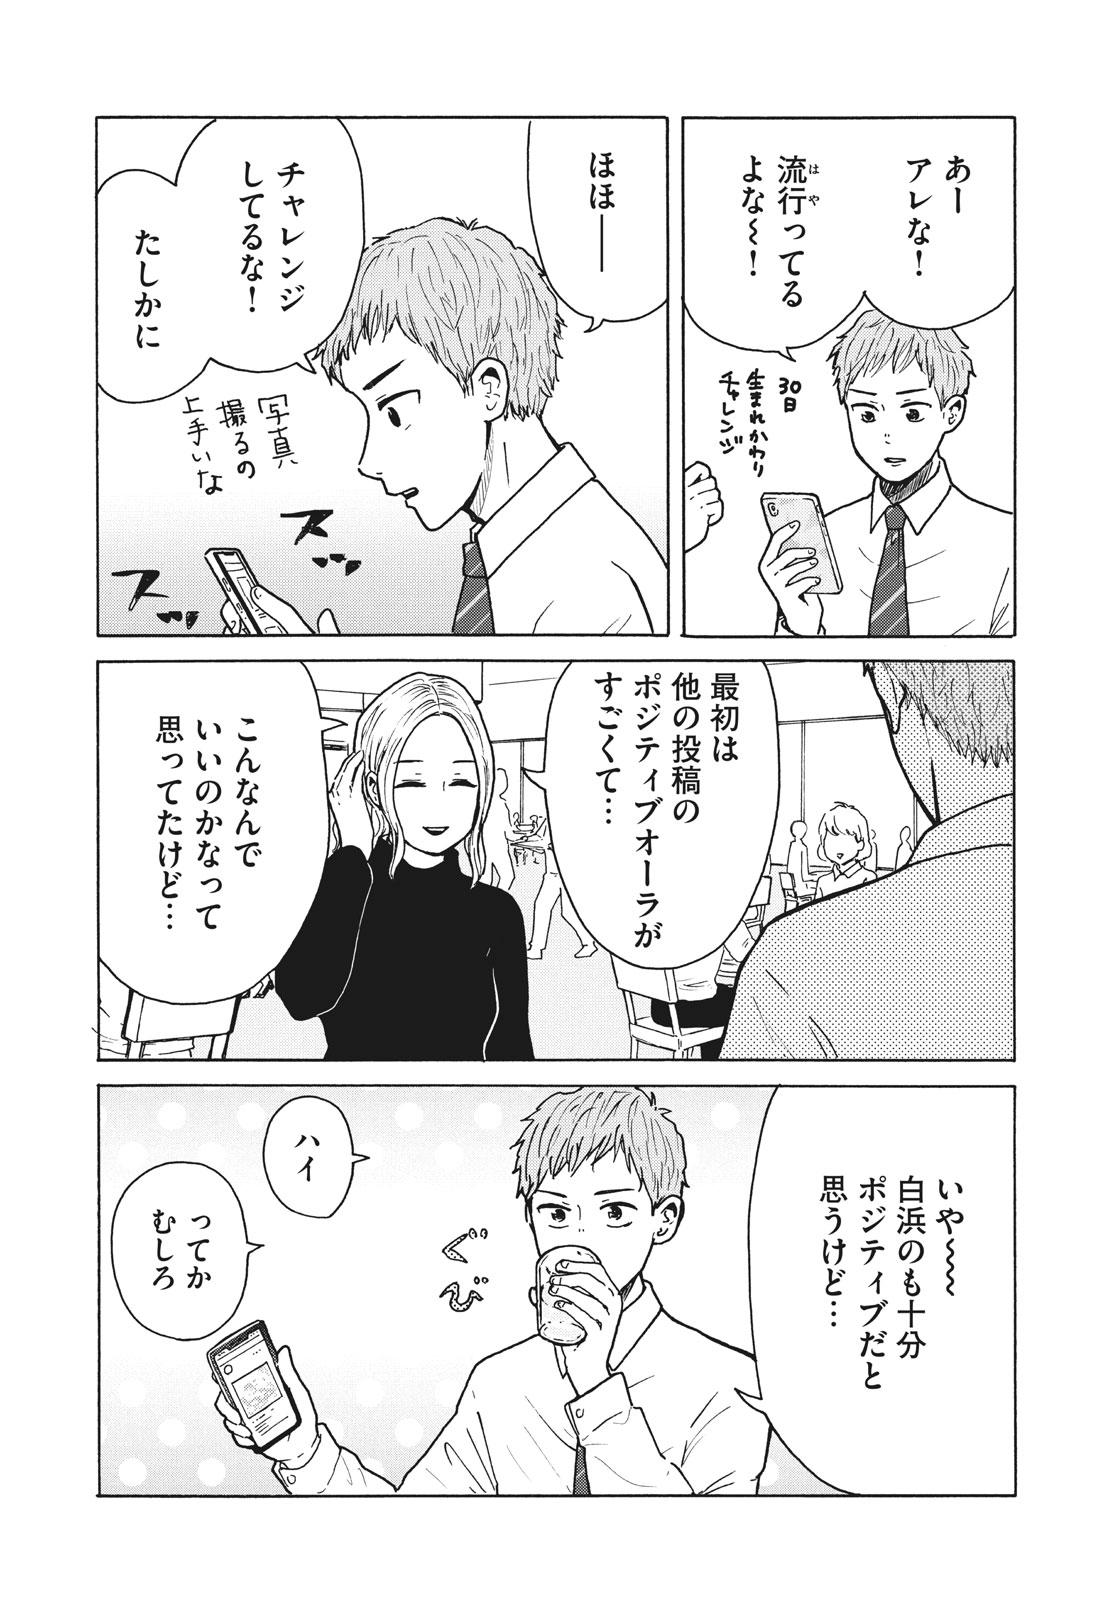 004_30日_2019_006_E.jpg